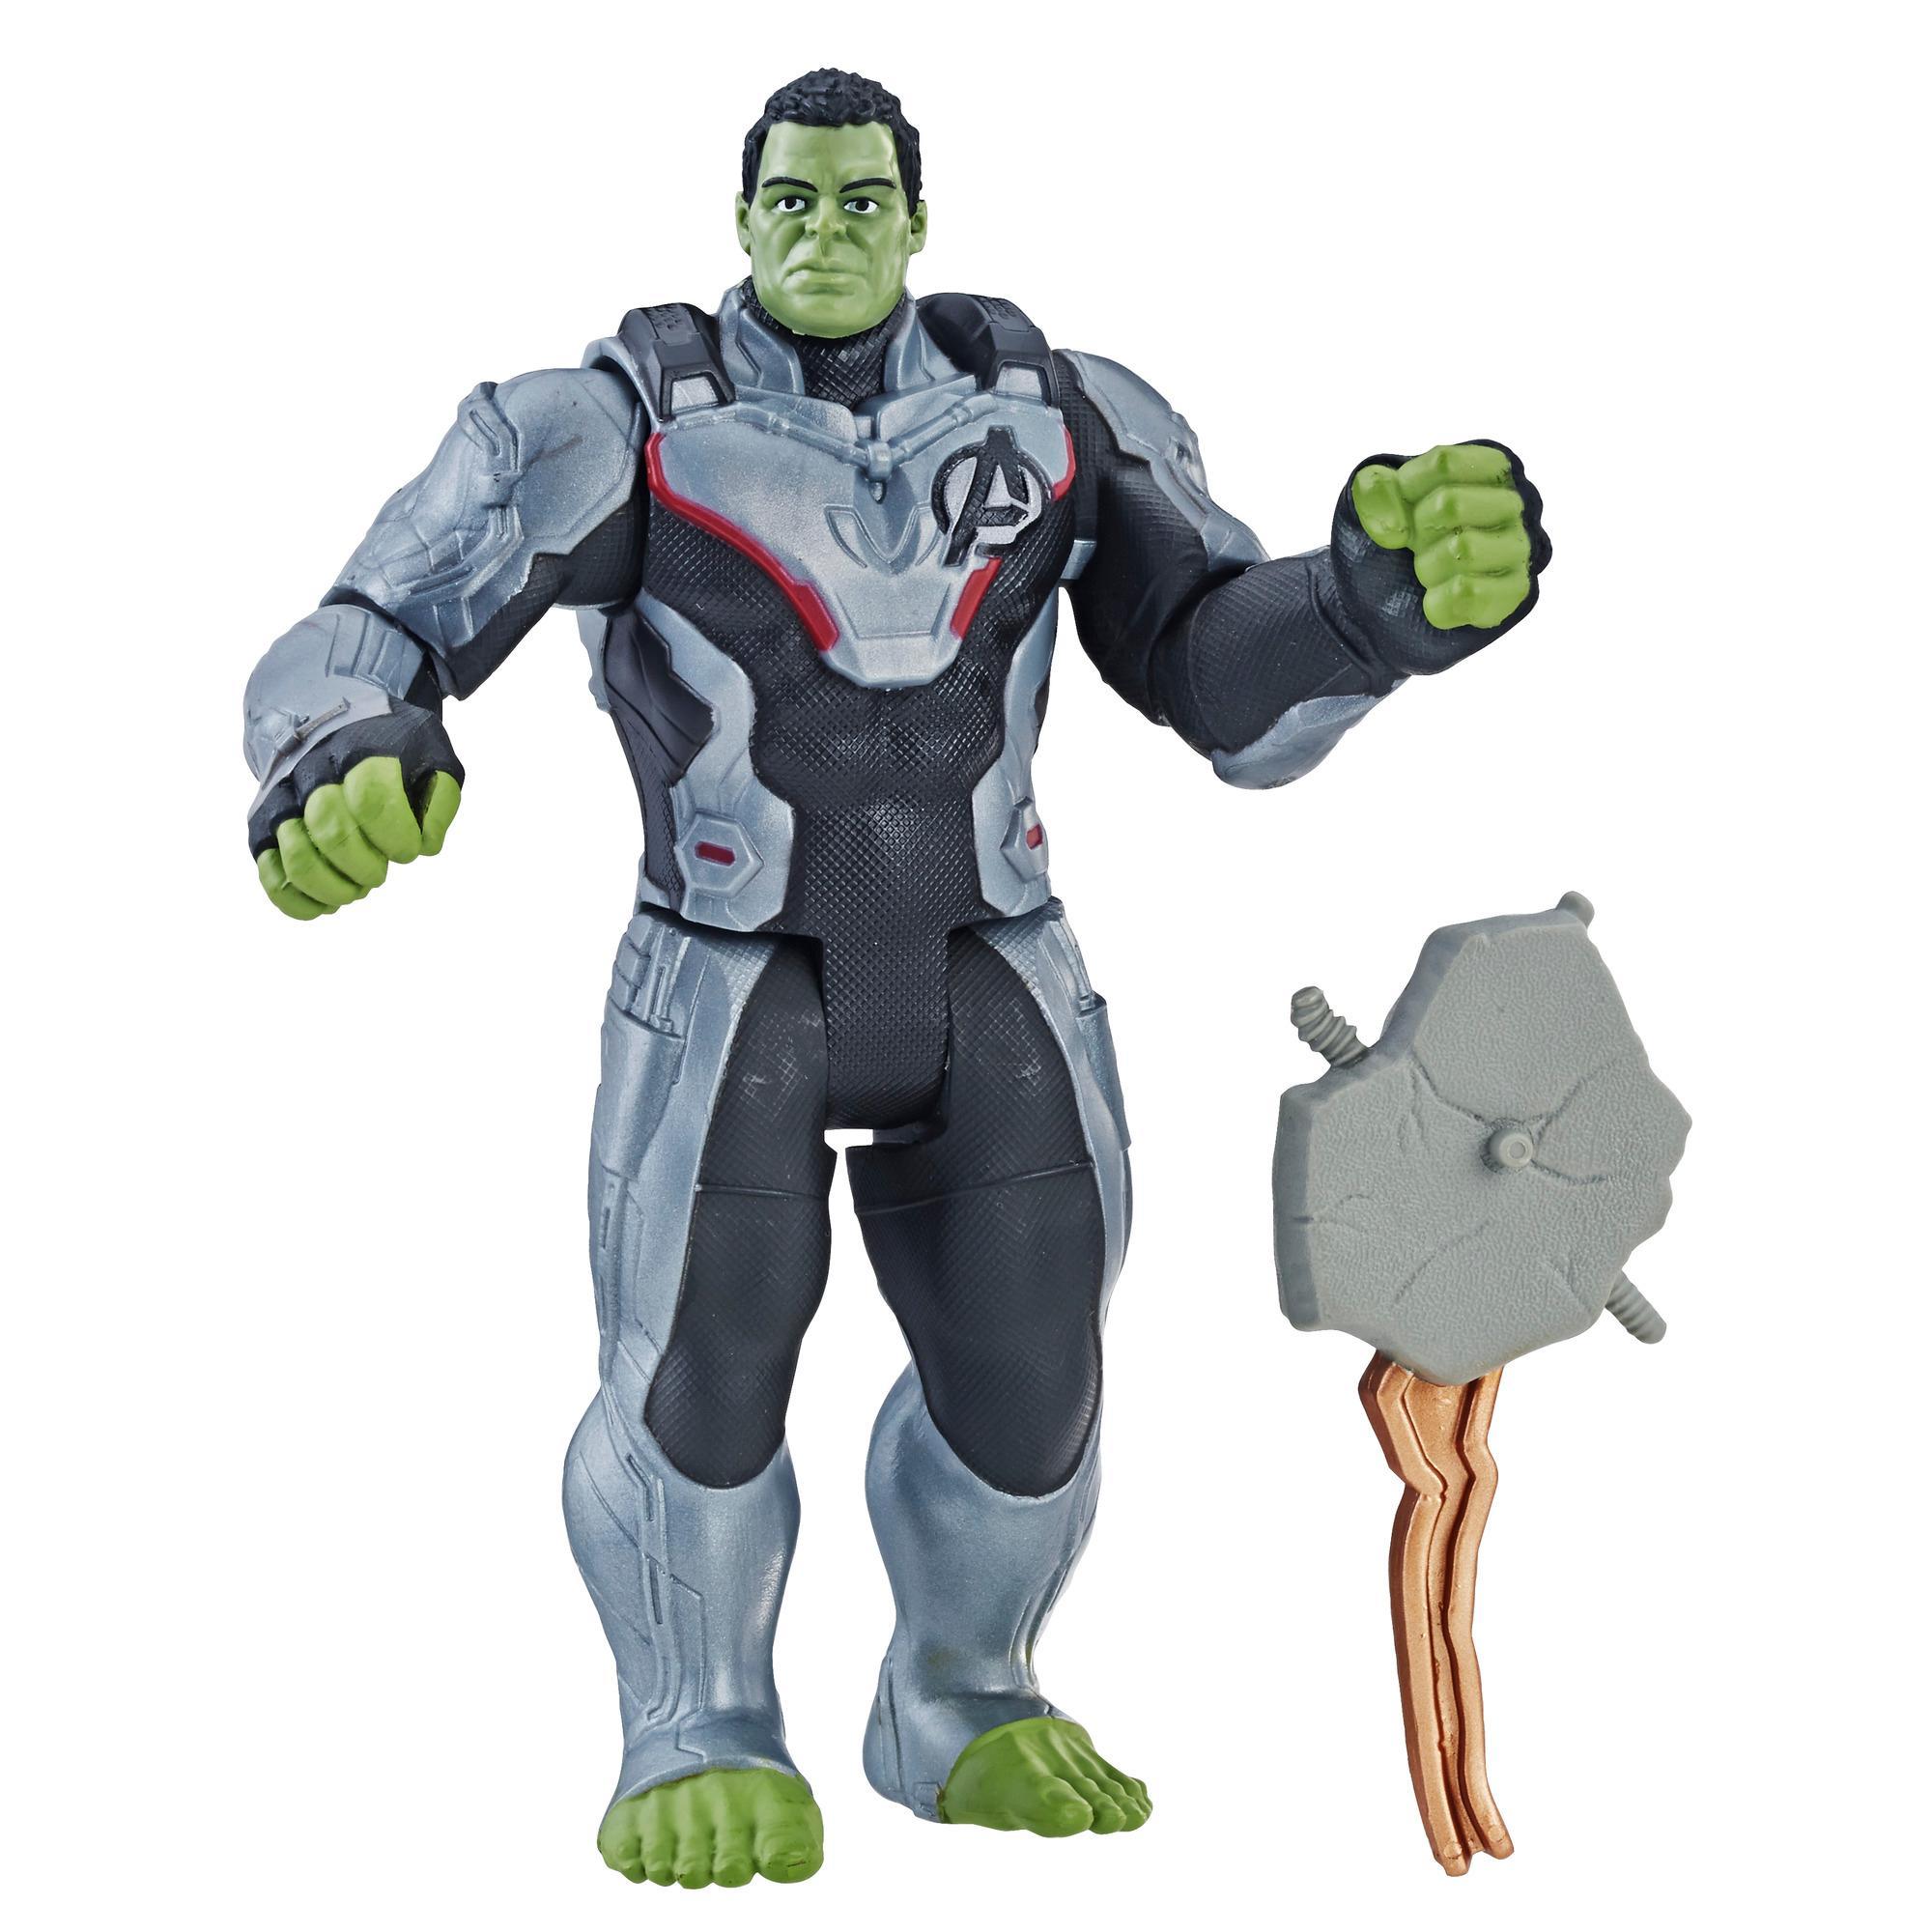 Marvel Avengers: Endgame Team Suit Hulk Deluxe Figure